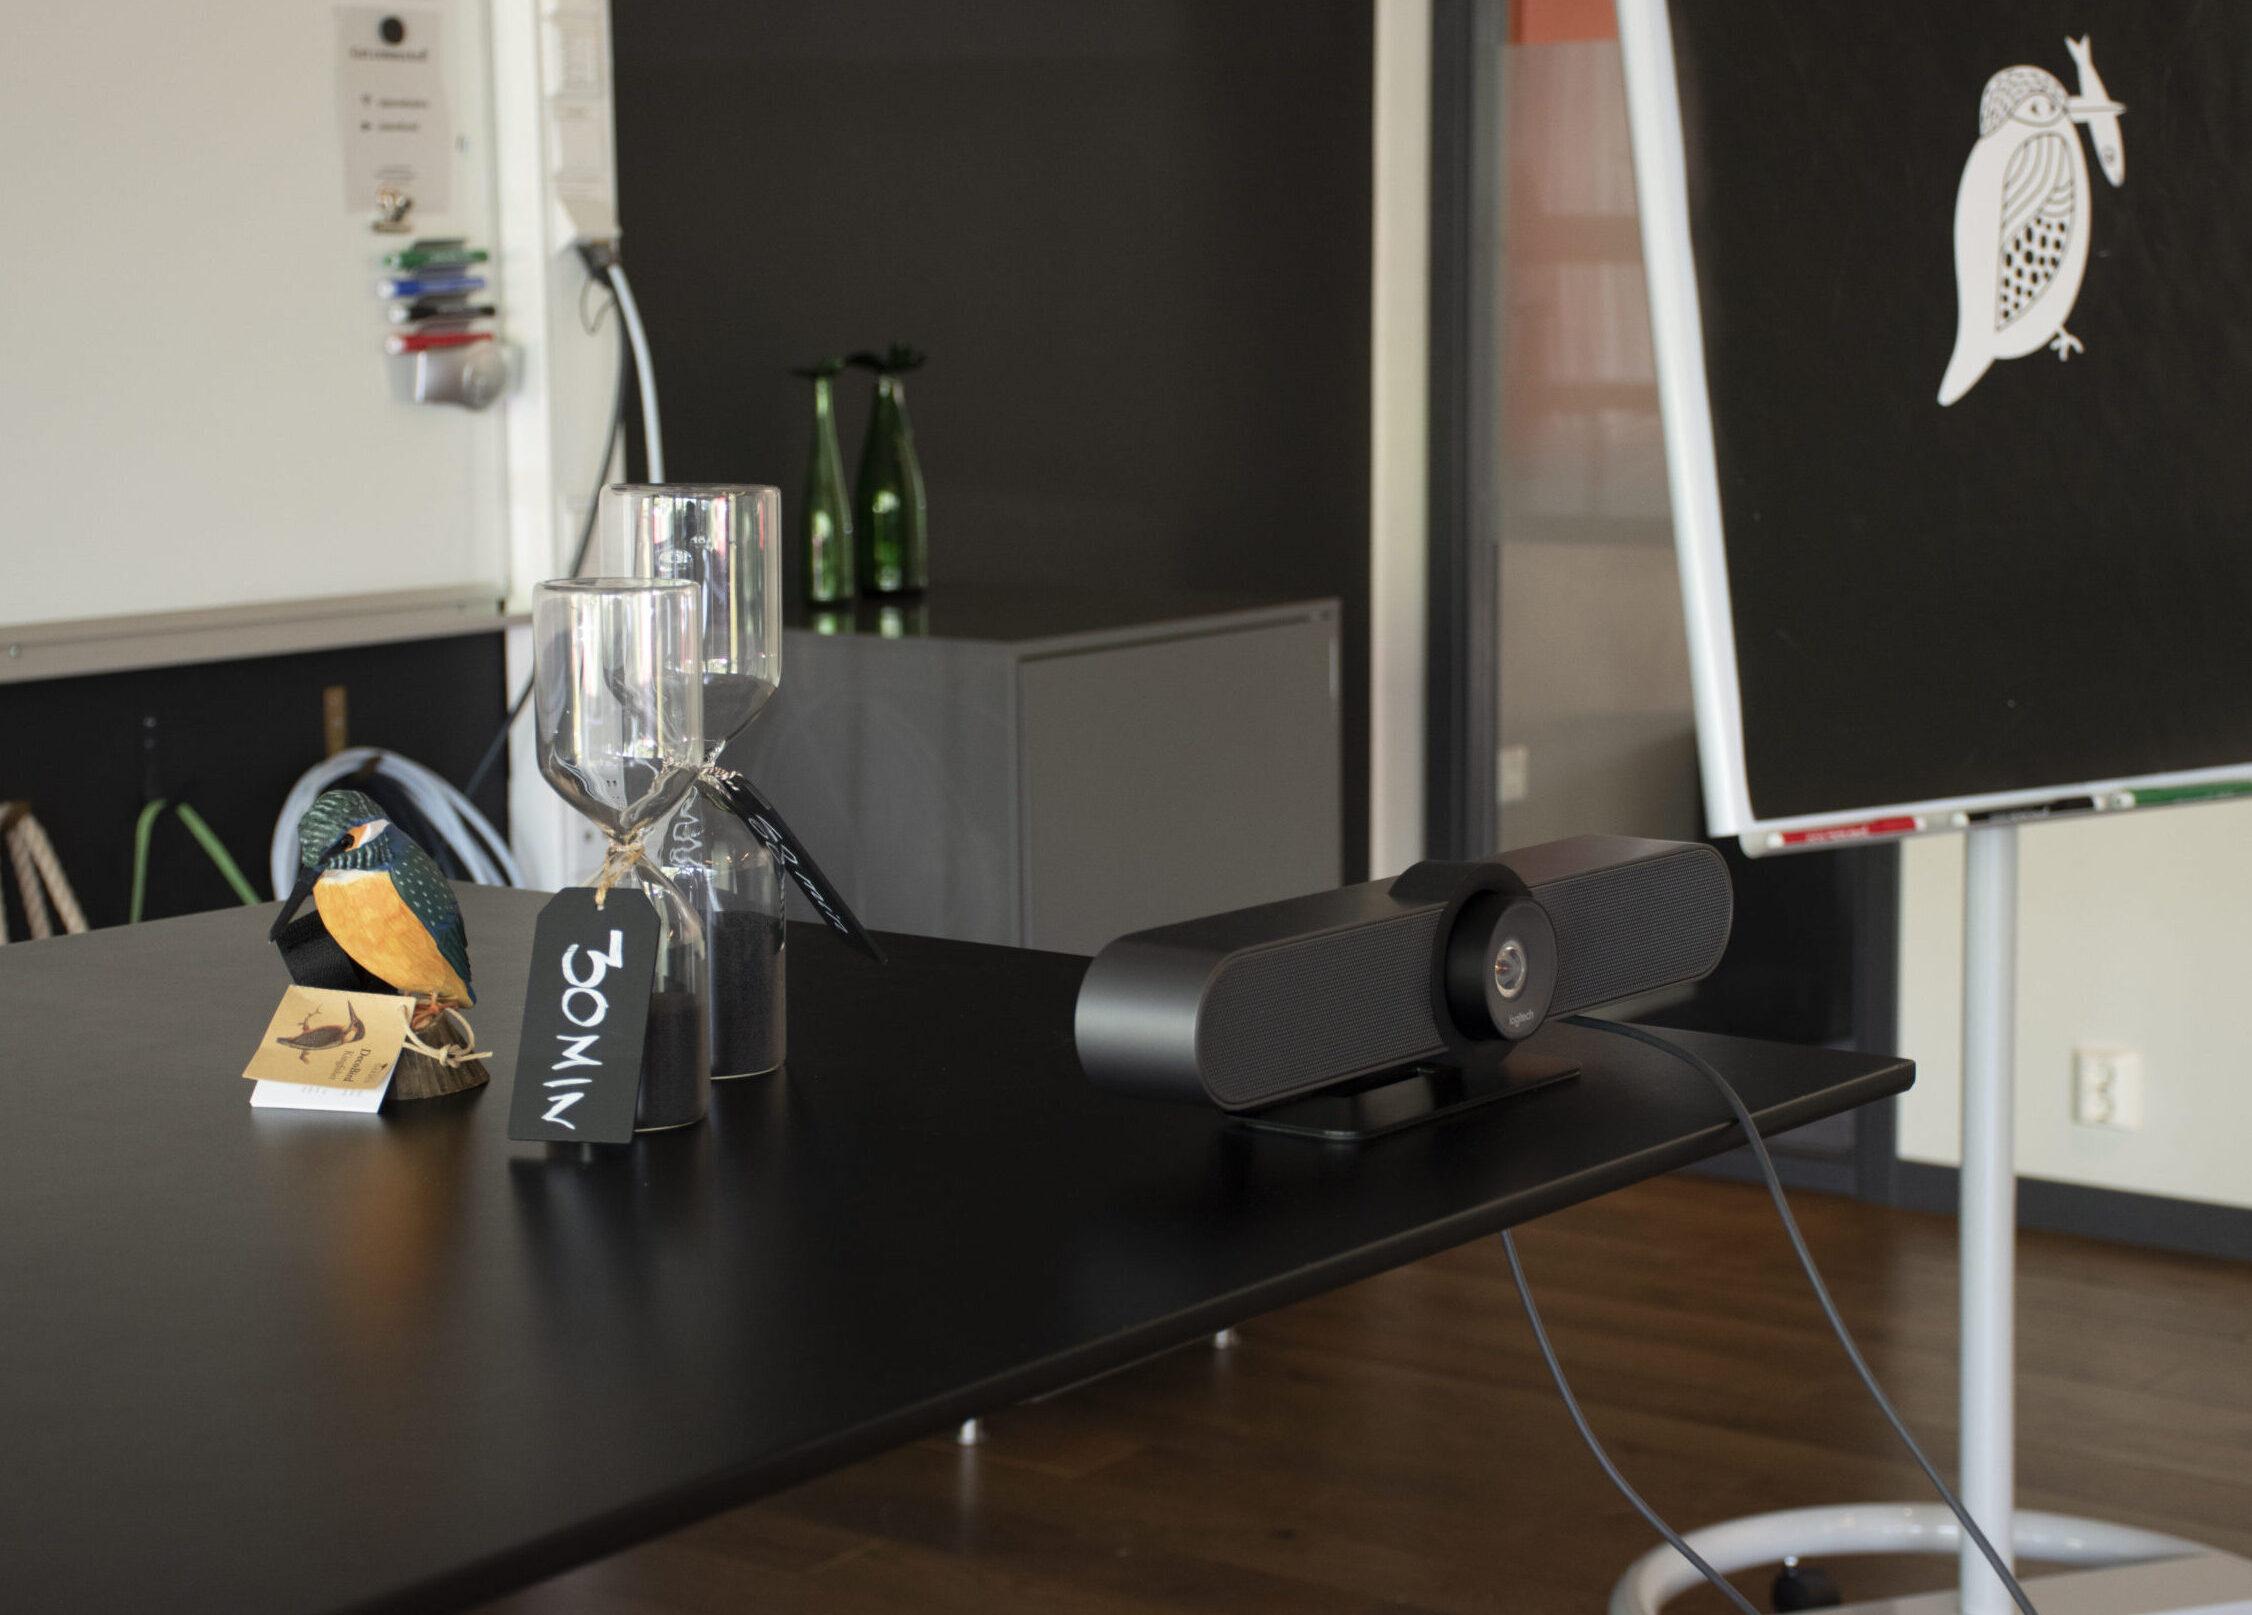 Logitech Videoutrustning Sigtunahöjden